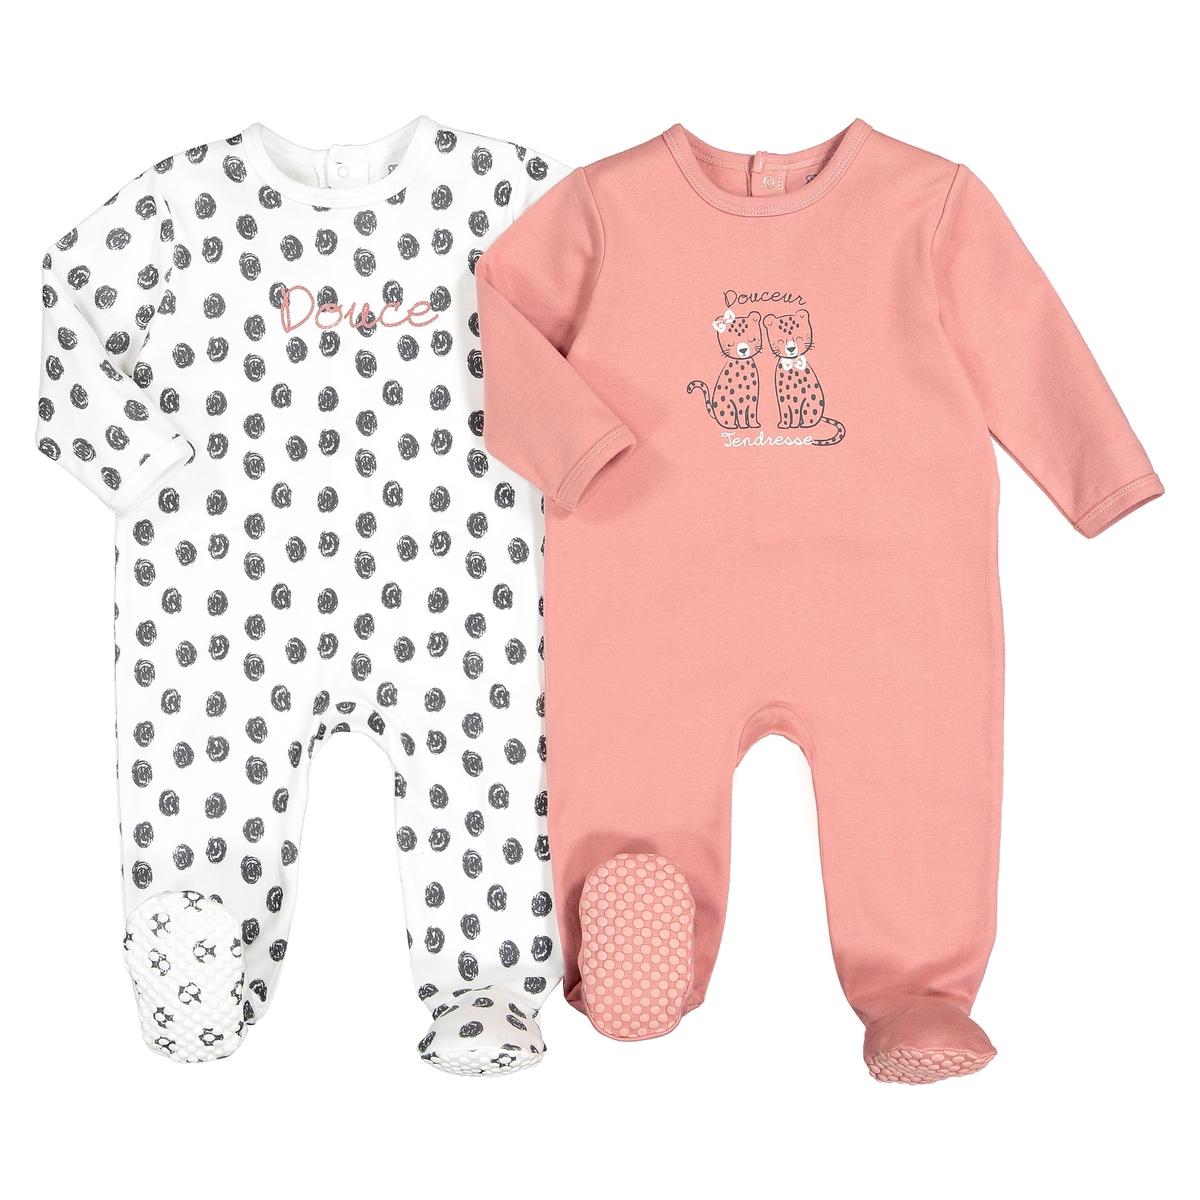 Комплект из хлопковых пижам La Redoute мес 3 года - 94 см розовый комплект из пижам из la redoute предметов мес года 3 года 94 см серый